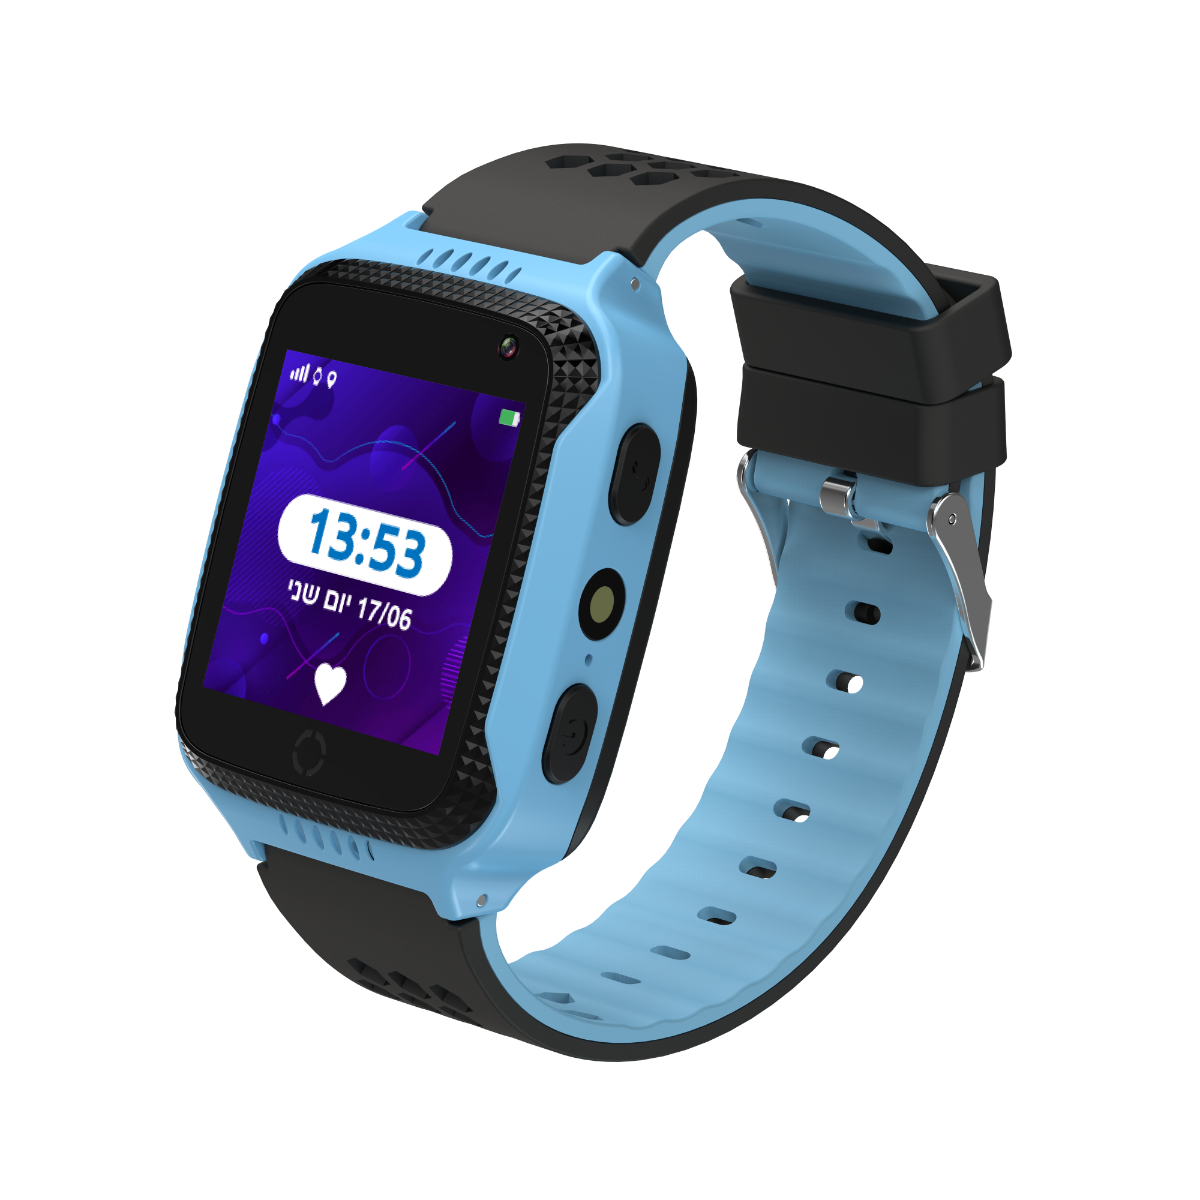 שעון GPS לילדים KidiWatch SAFE - השעון החכם ששומר על הילדים - תכלת!